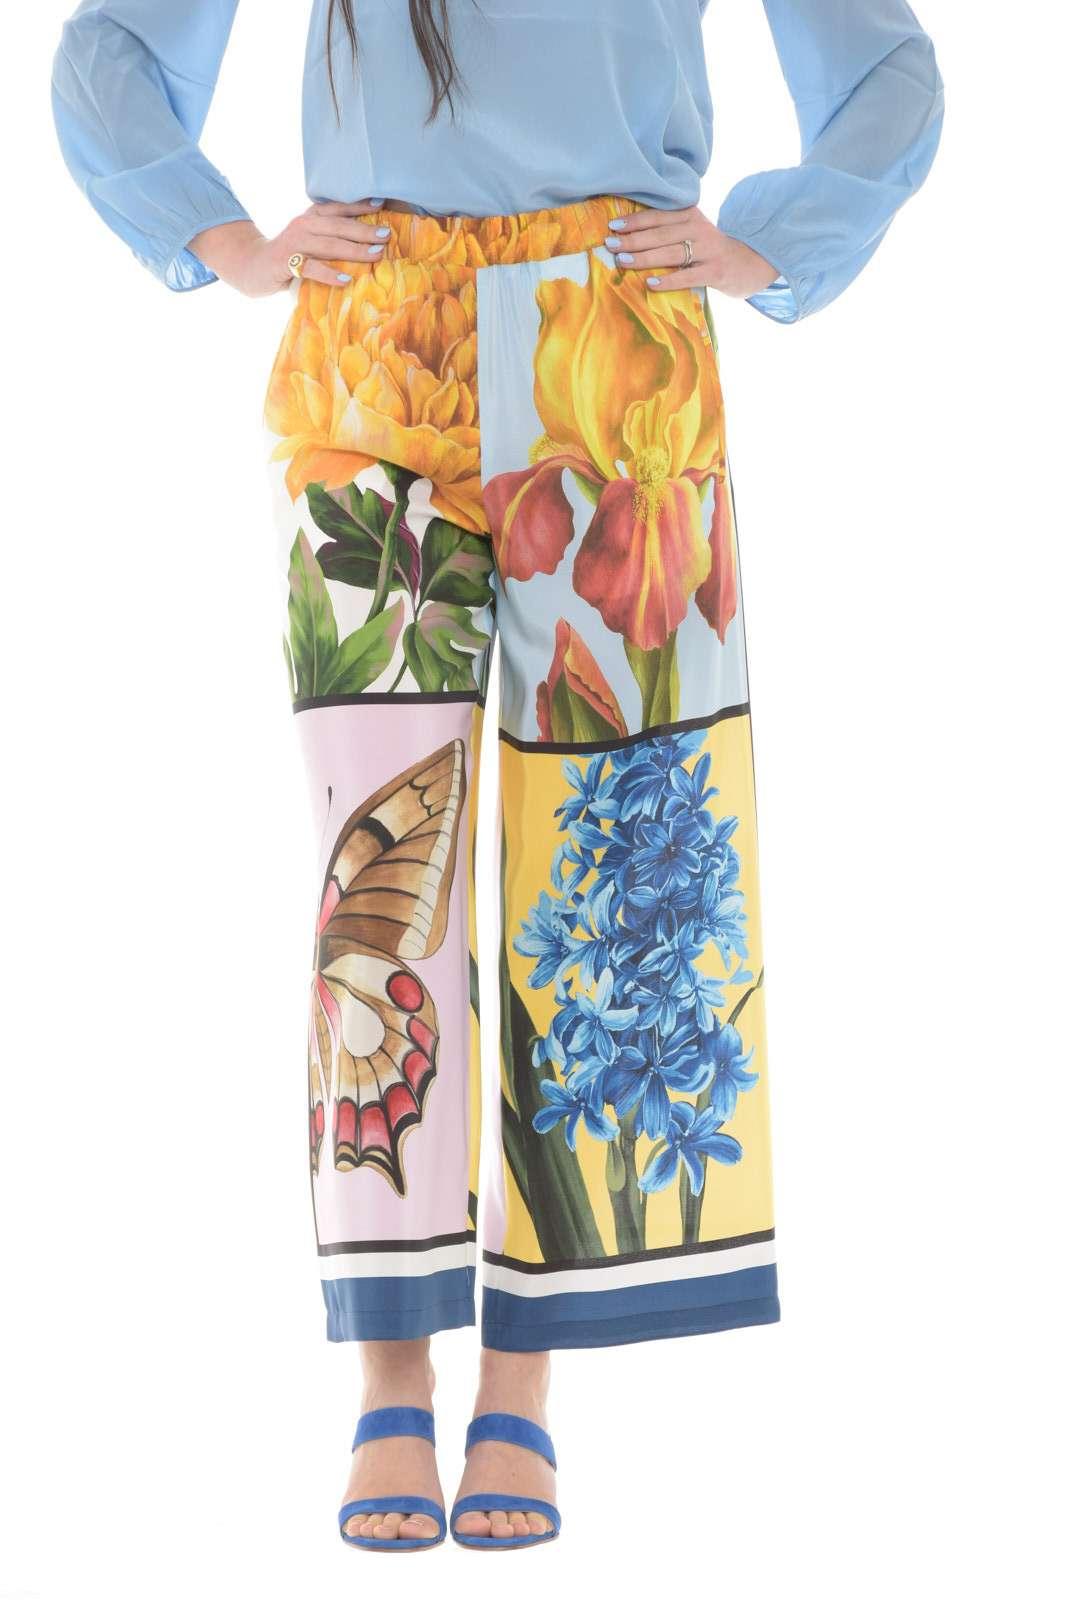 Irresistibile il pantalone in seta firmato Weekend MaxMara. Una delicata fantasia floreale si impone su un capo dalla vestibilità morbida con taglio a palazzo crop. Da abbinare ad una camicia o un top fa innamorare con la sua versatilità.